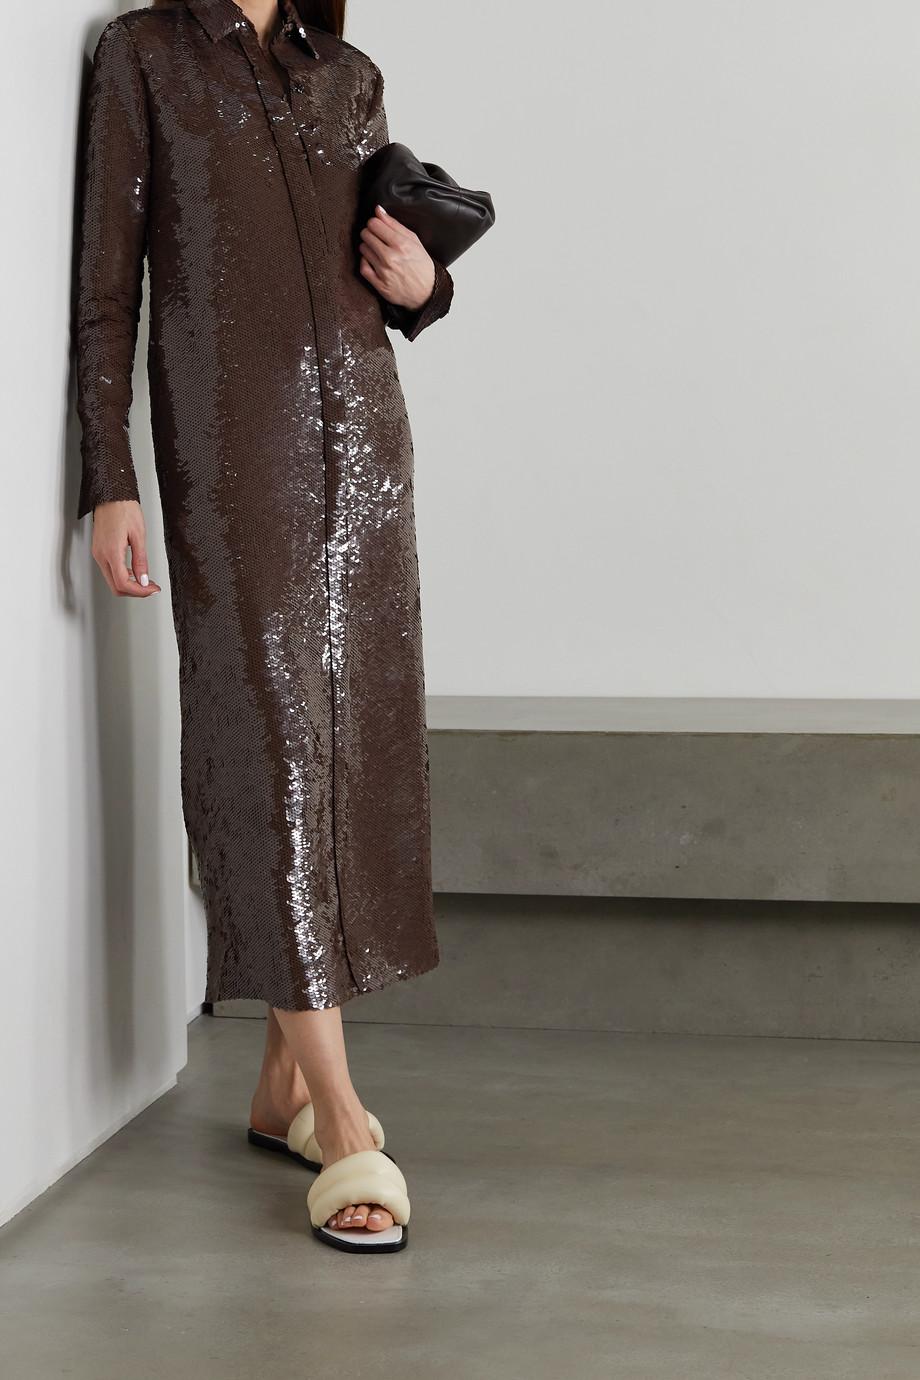 Proenza Schouler Hemdblusenkleid aus Seide mit Pailletten